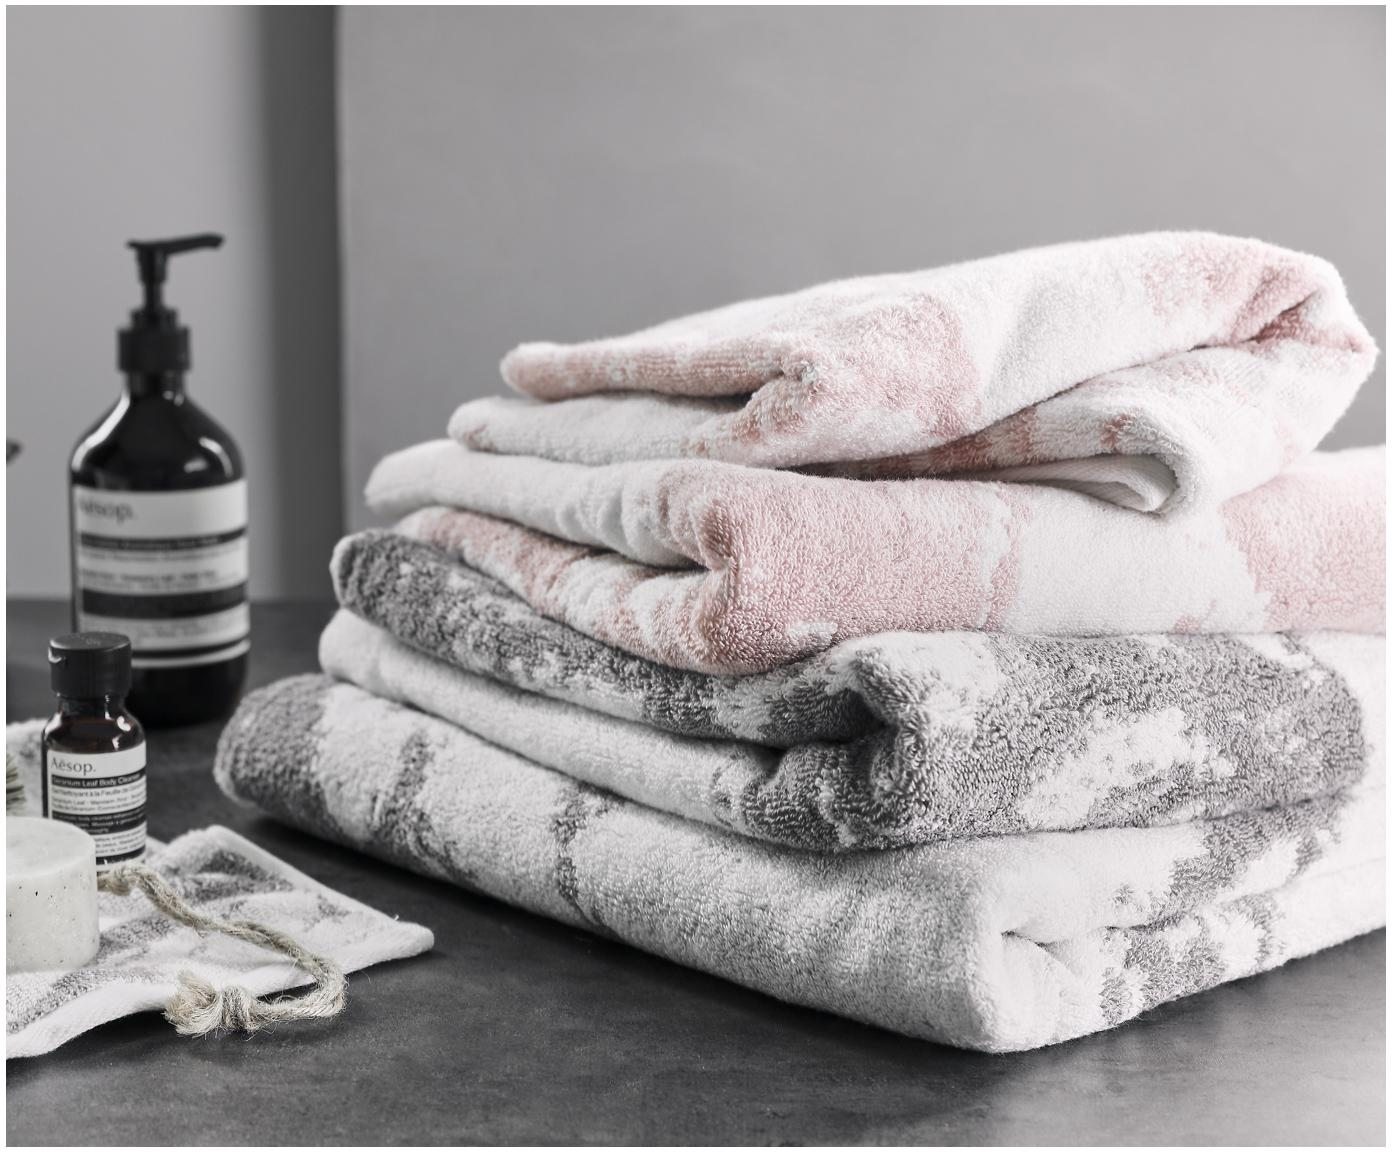 Komplet ręczników Marmo, 3 elem., Szary, kremowobiały, Różne rozmiary